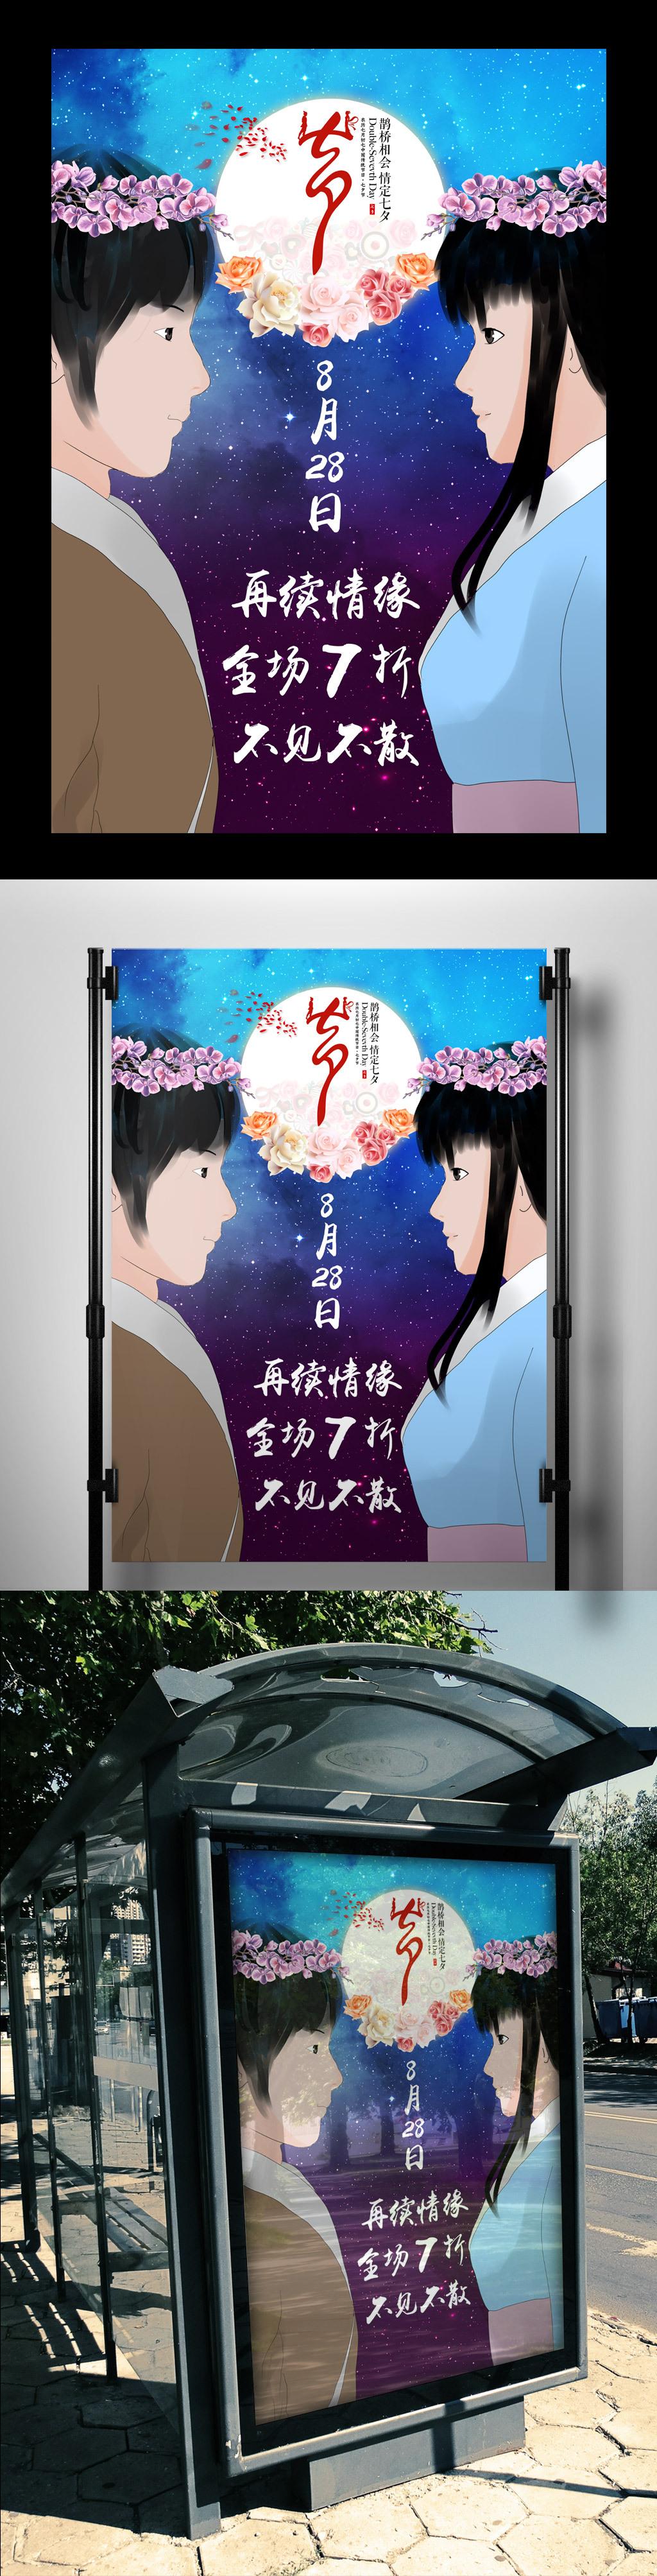 原创设计手绘插画七夕促销海报